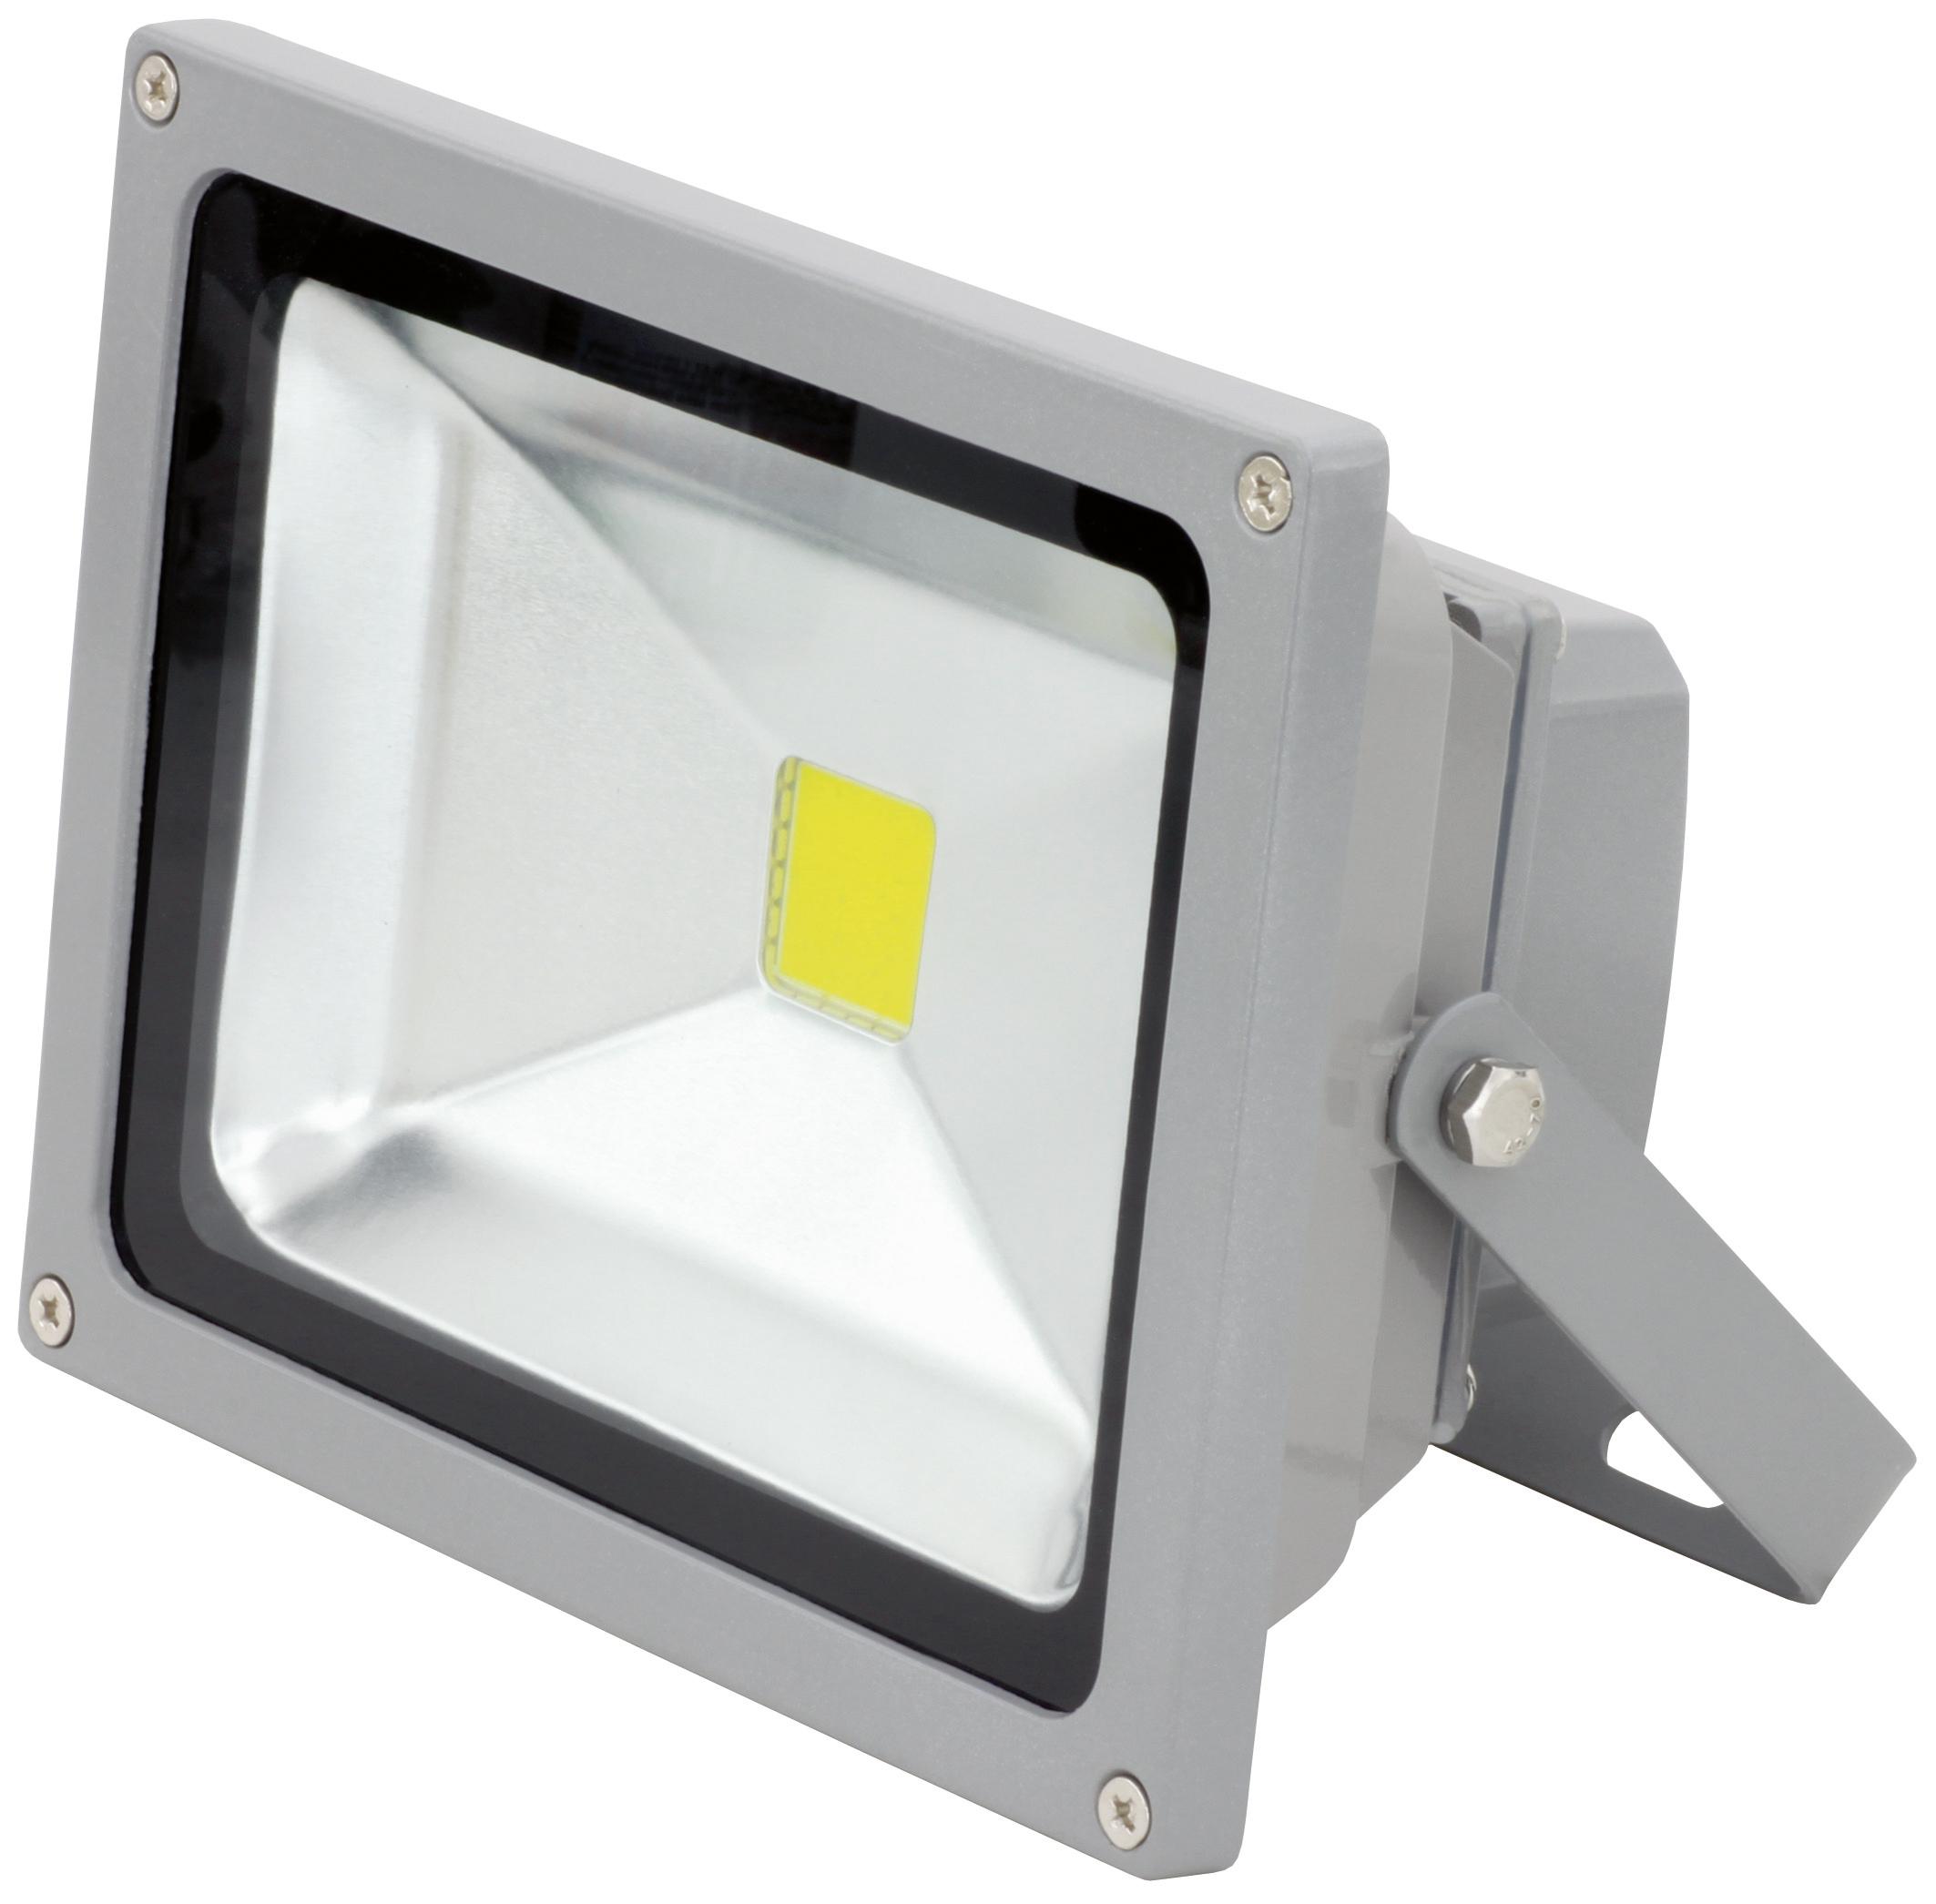 LED-Außenstrahler LB34588